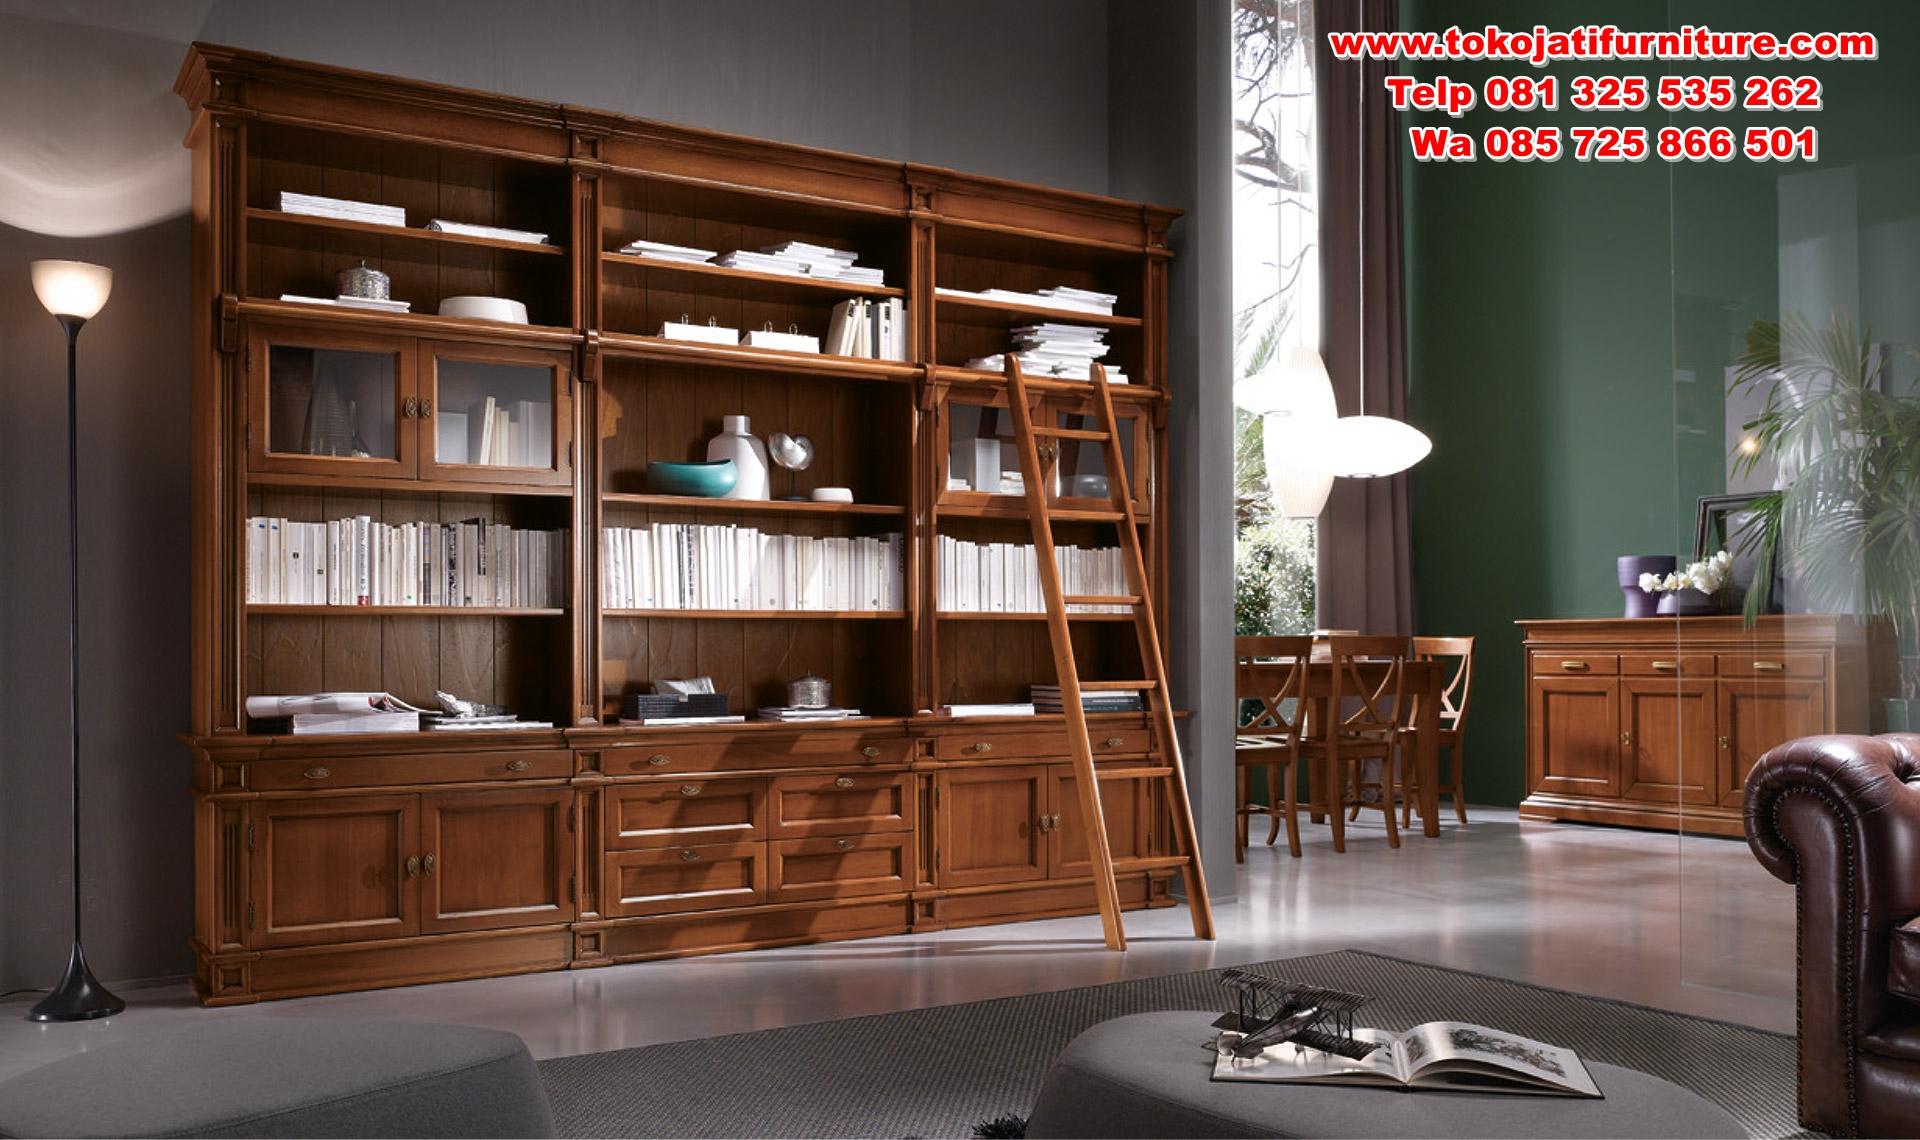 https://furnitureklasikan.com/wp-content/uploads/2018/03/lemari-buku-hias-jati-pajangan.jpg